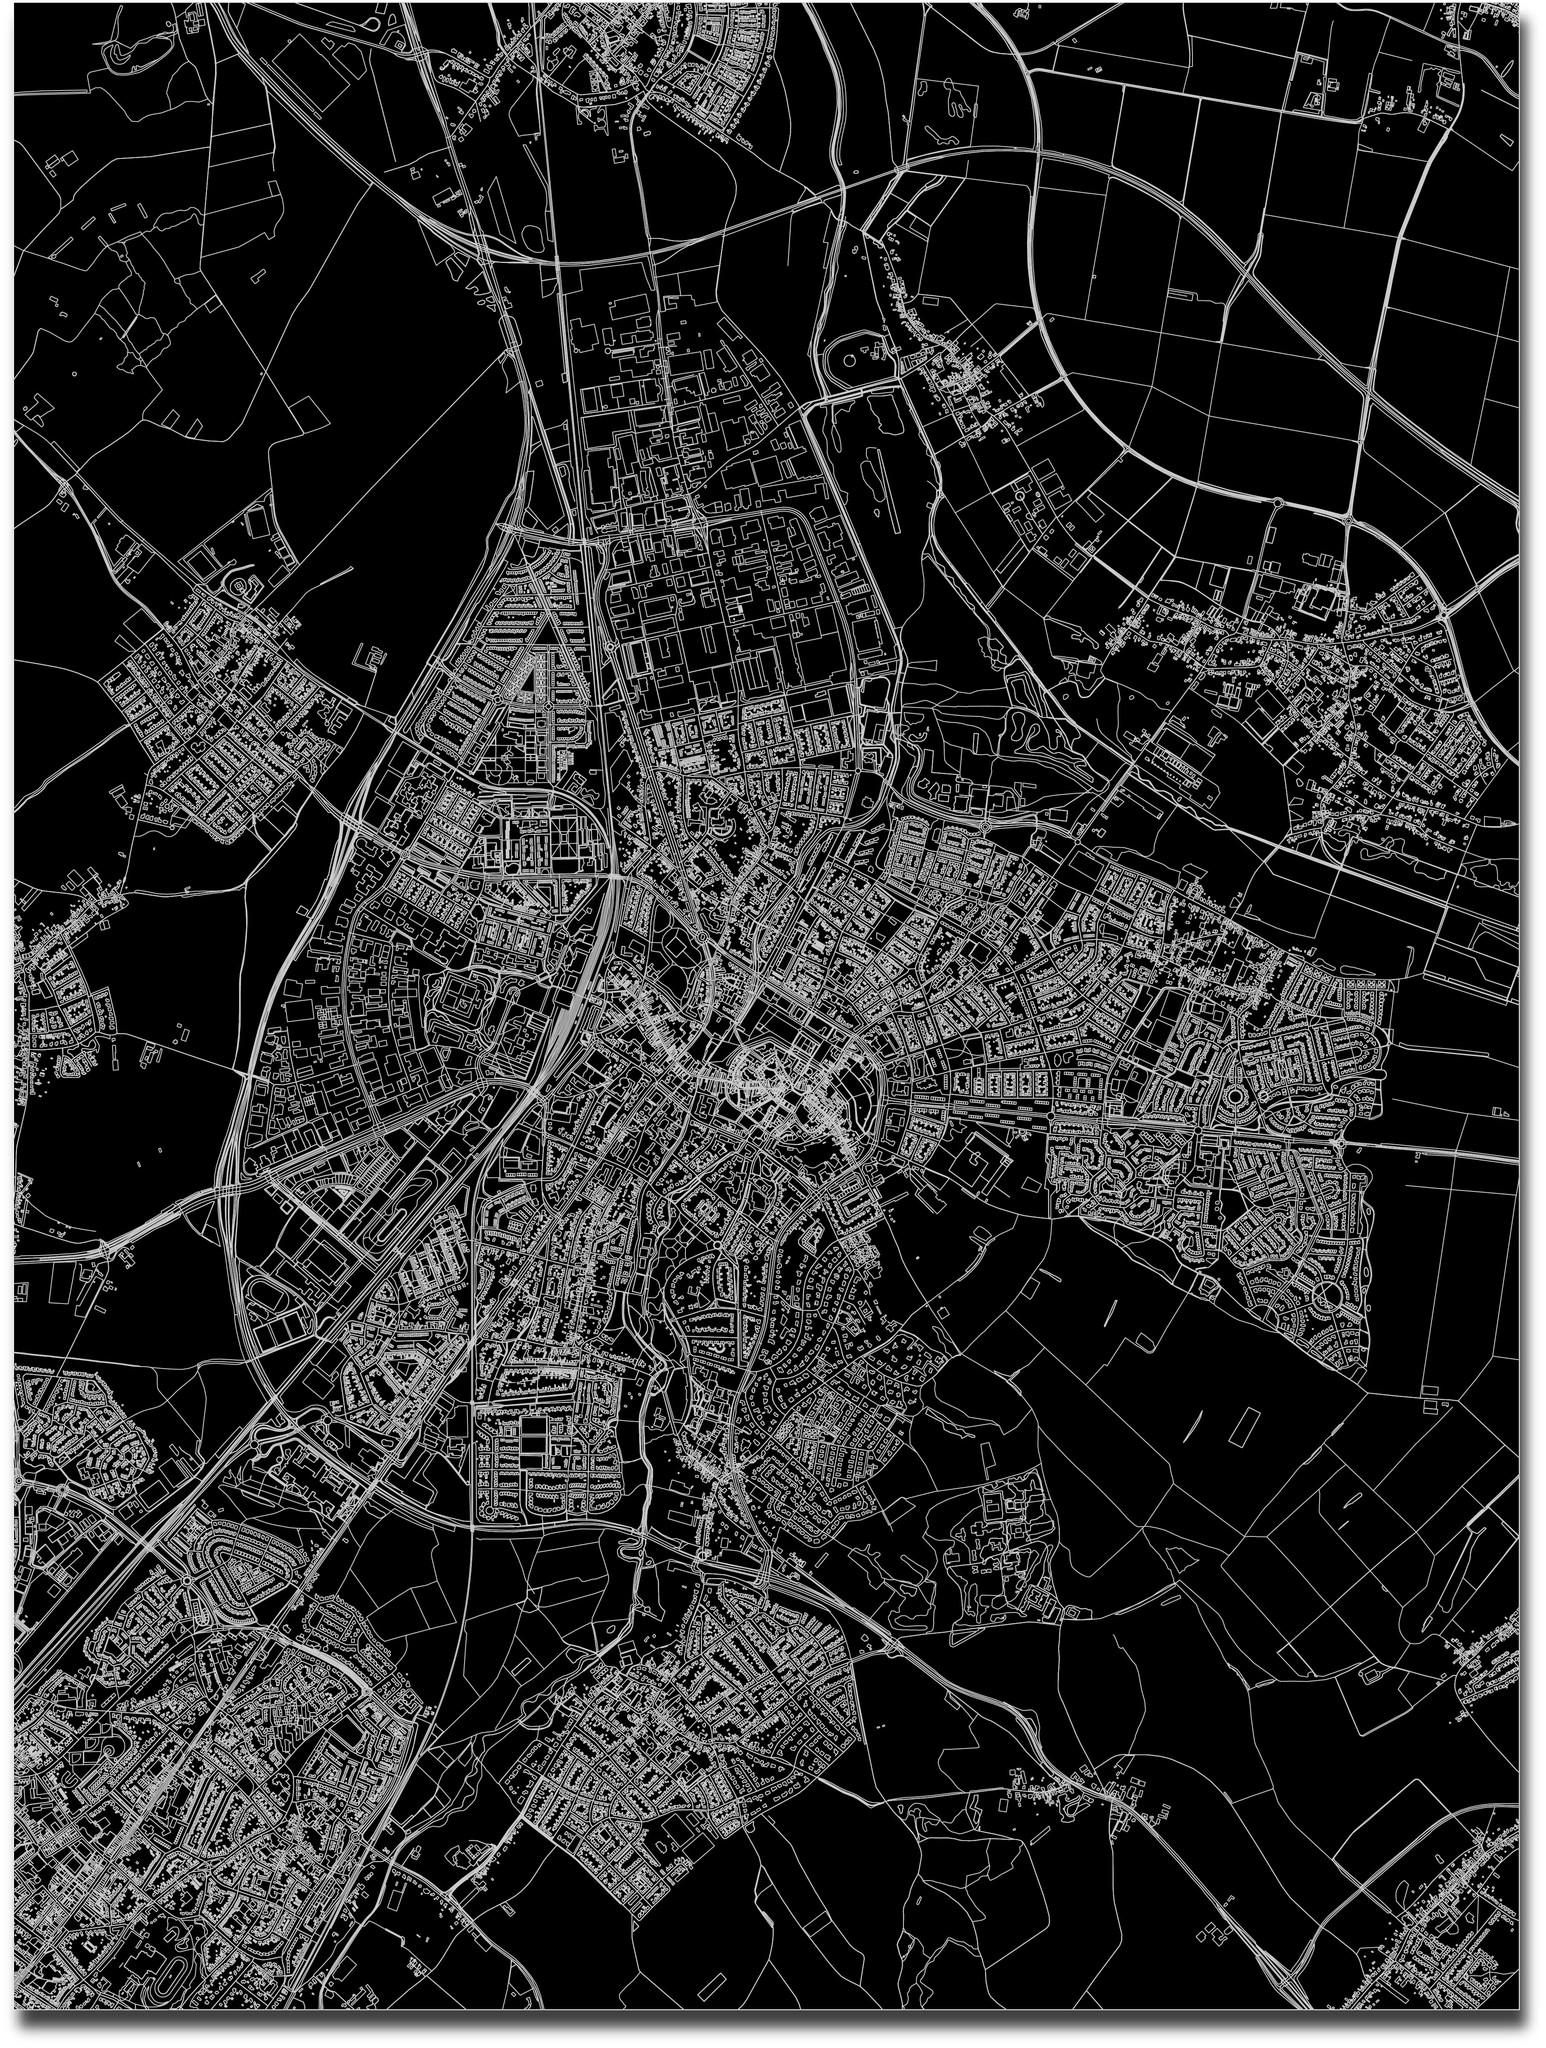 Stadtkarte Sittard | Aluminium Wanddekoration-3